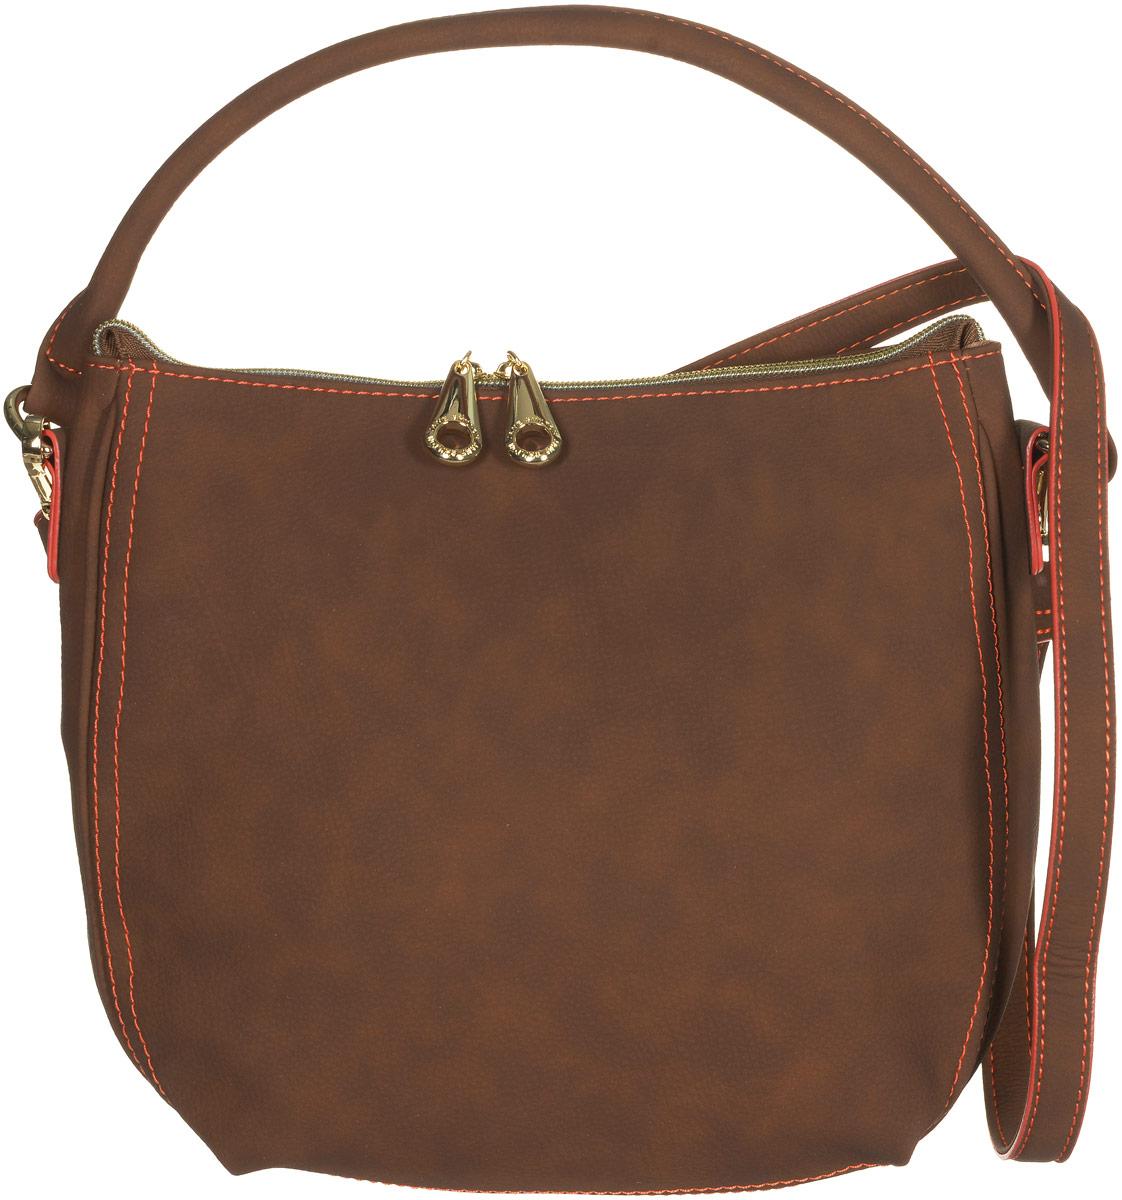 Сумка женская Jane Shilton, цвет: коричневый. 21443-47670-00504Стильная сумка Jane Shilton не оставит вас равнодушной благодаря своему дизайну и практичности. Она изготовлена из качественной искусственной кожи и оформлена контрастной прострочкой. На тыльной стороне расположен удобный вшитый карман на молнии. Сумка оснащена удобной ручкой и съемным плечевым ремнем, который фиксируется с помощью замков-карабинов. Изделие закрывается на удобную молнию. Внутри расположено главное отделение, которое содержит один открытый накладной карман для телефона и один вшитый карман на молнии для мелочей. Такая модная и практичная сумка завершит ваш образ и станет незаменимым аксессуаром в вашем гардеробе.